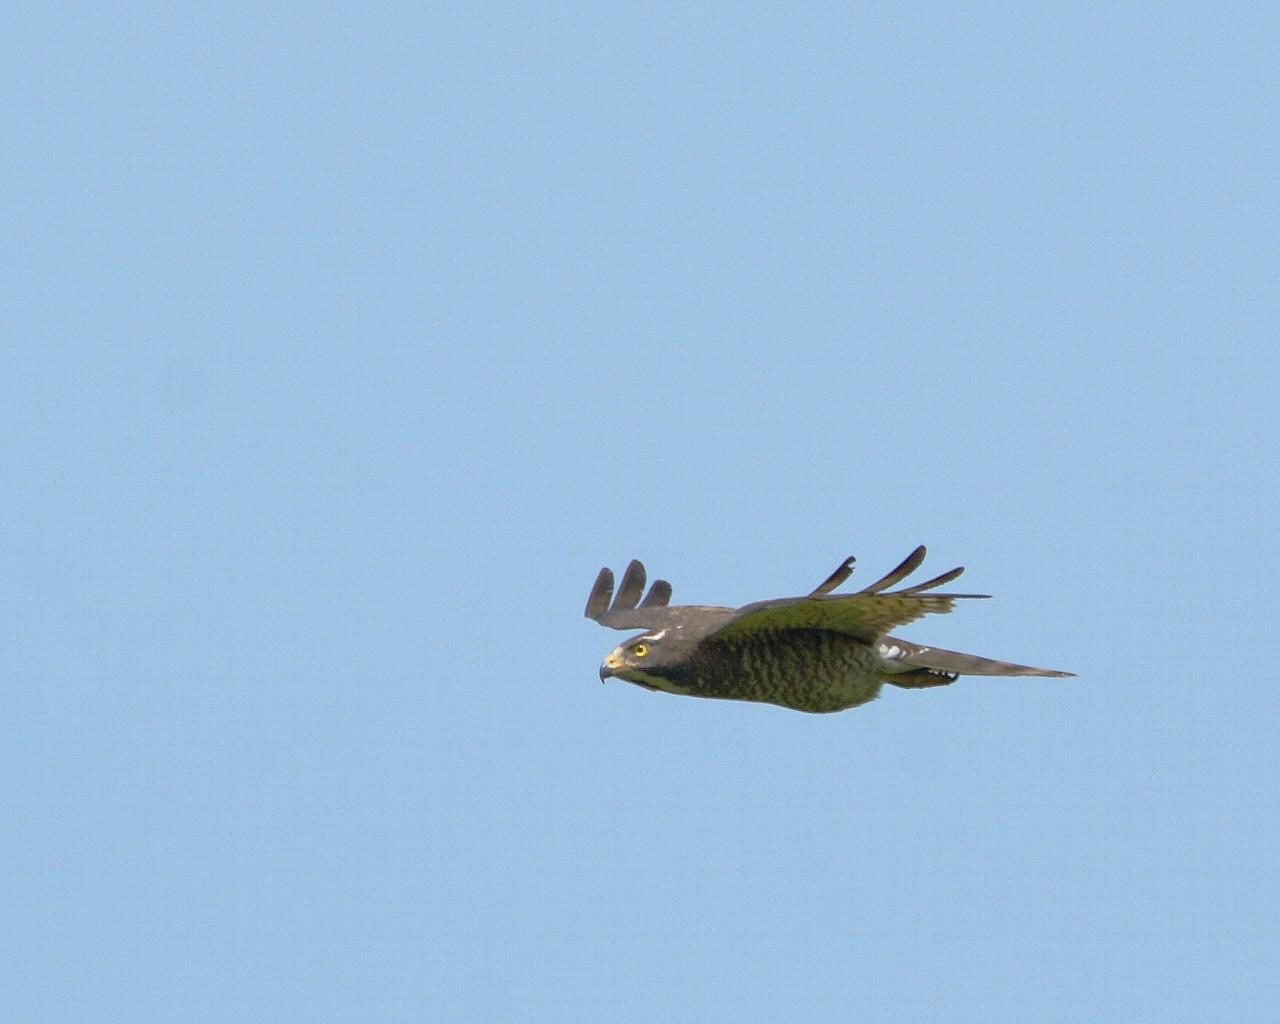 3年ぶりサシバ雌の飛翔(カッコイイ猛禽の飛翔の壁紙)_f0105570_22105325.jpg